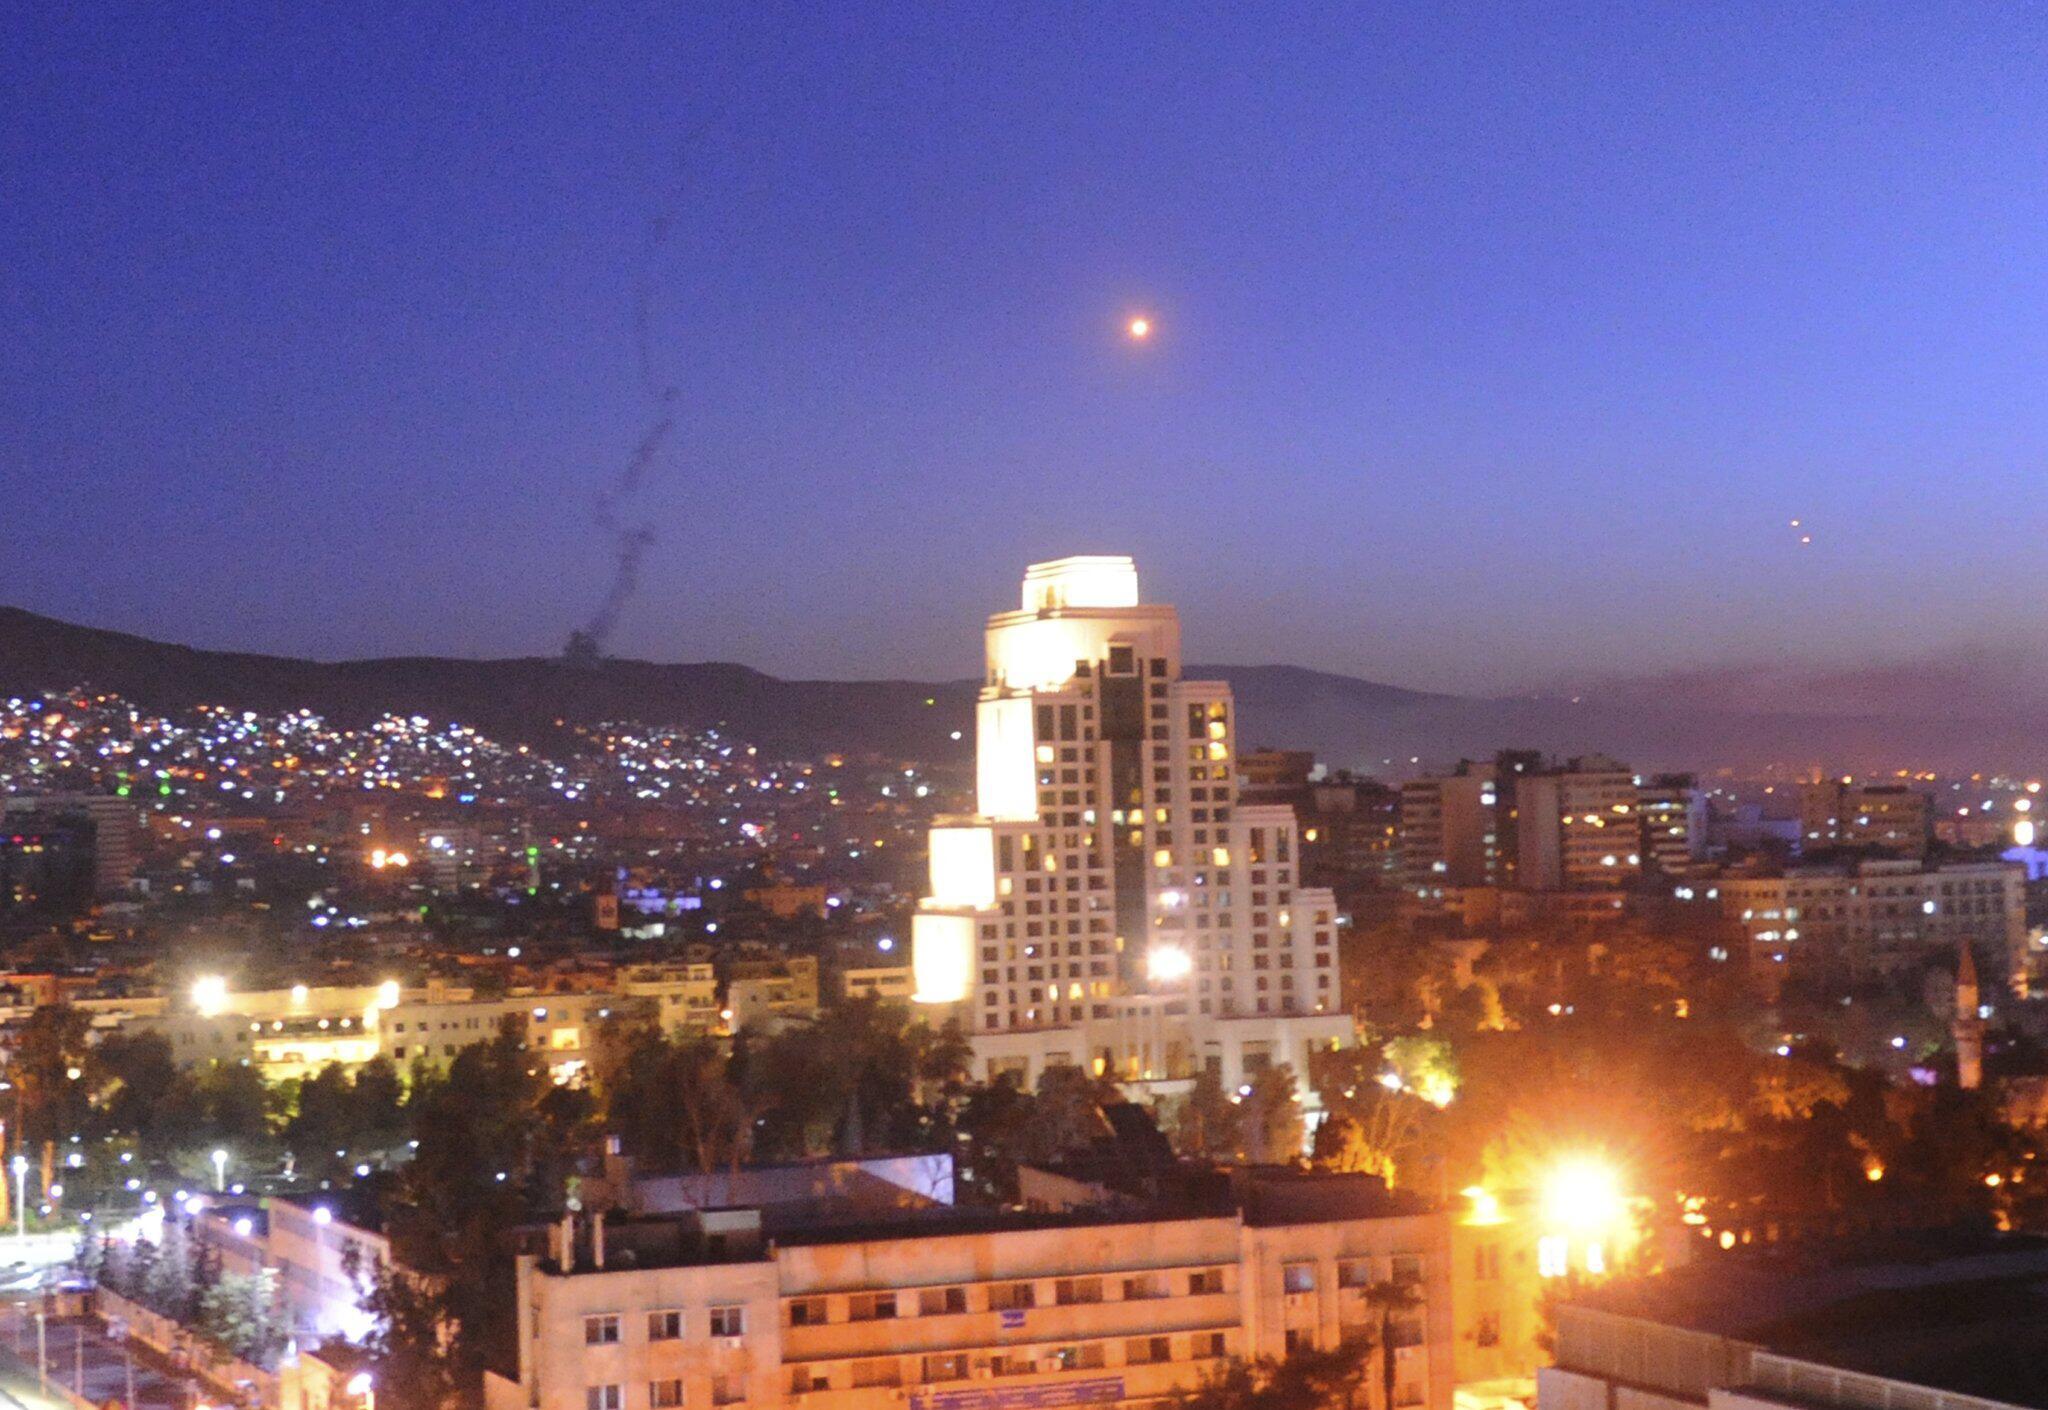 Bild zu Militärschläge gegen Syrien